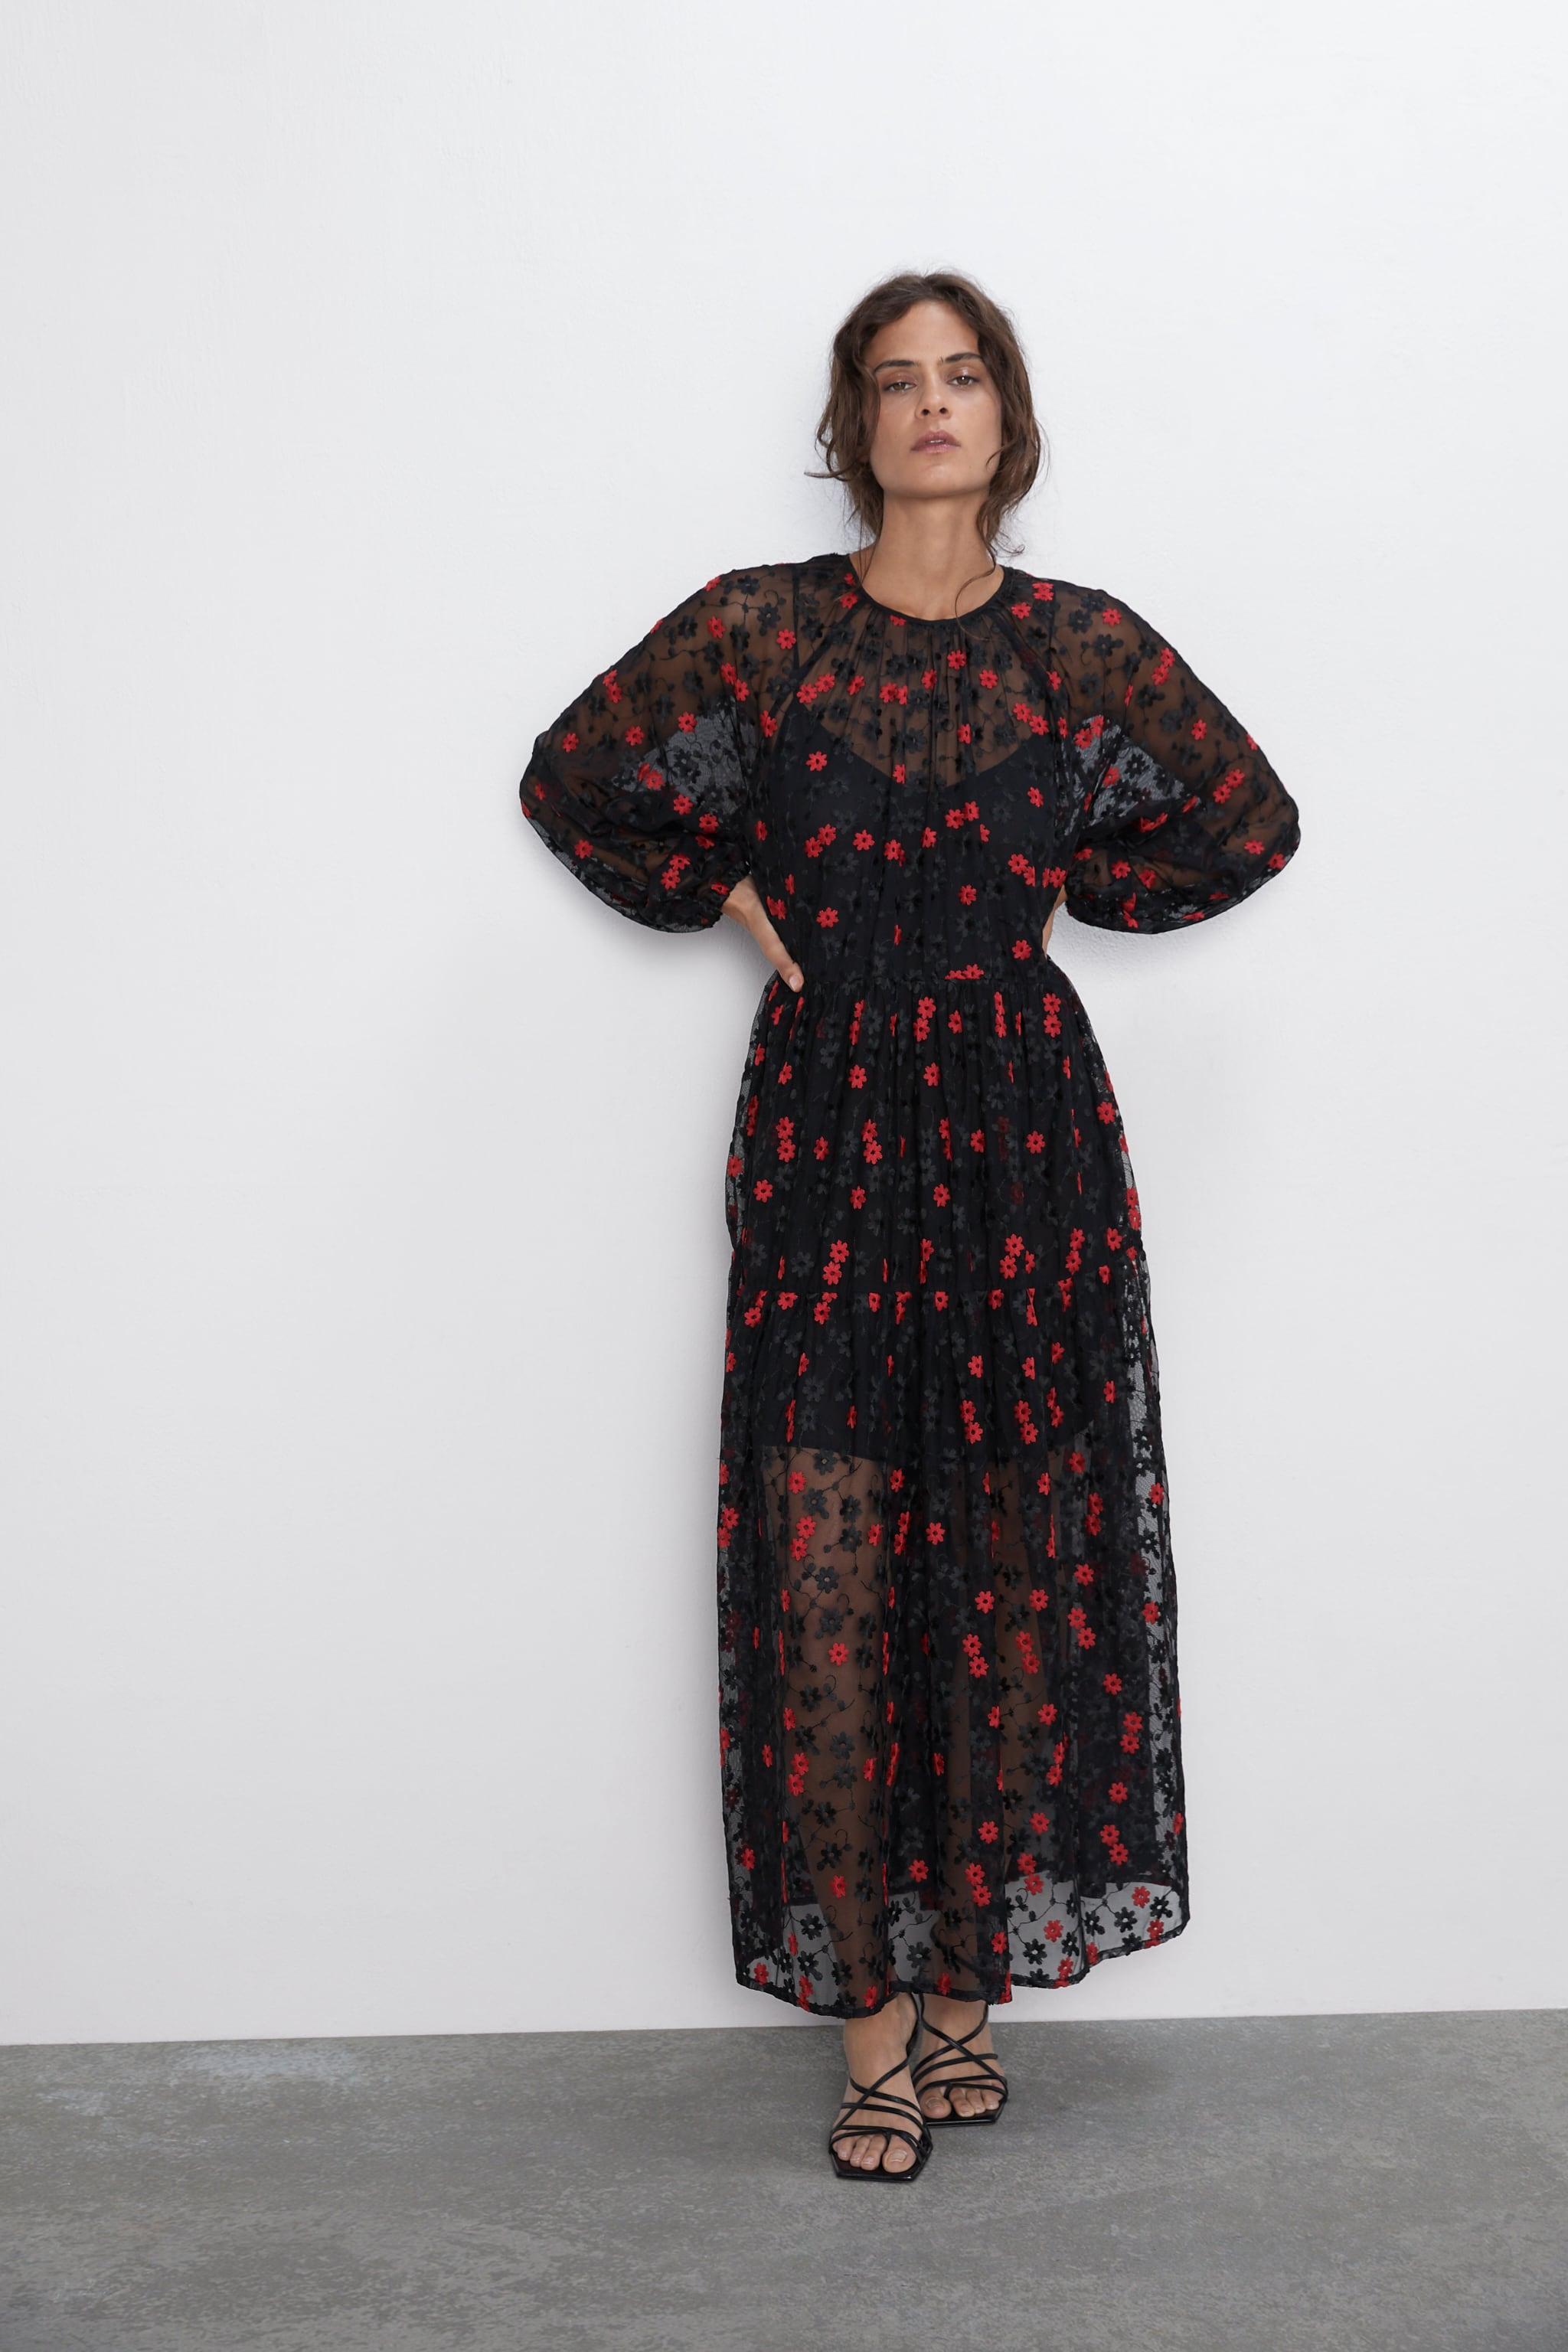 γυναίκα με φόρεμα Zara